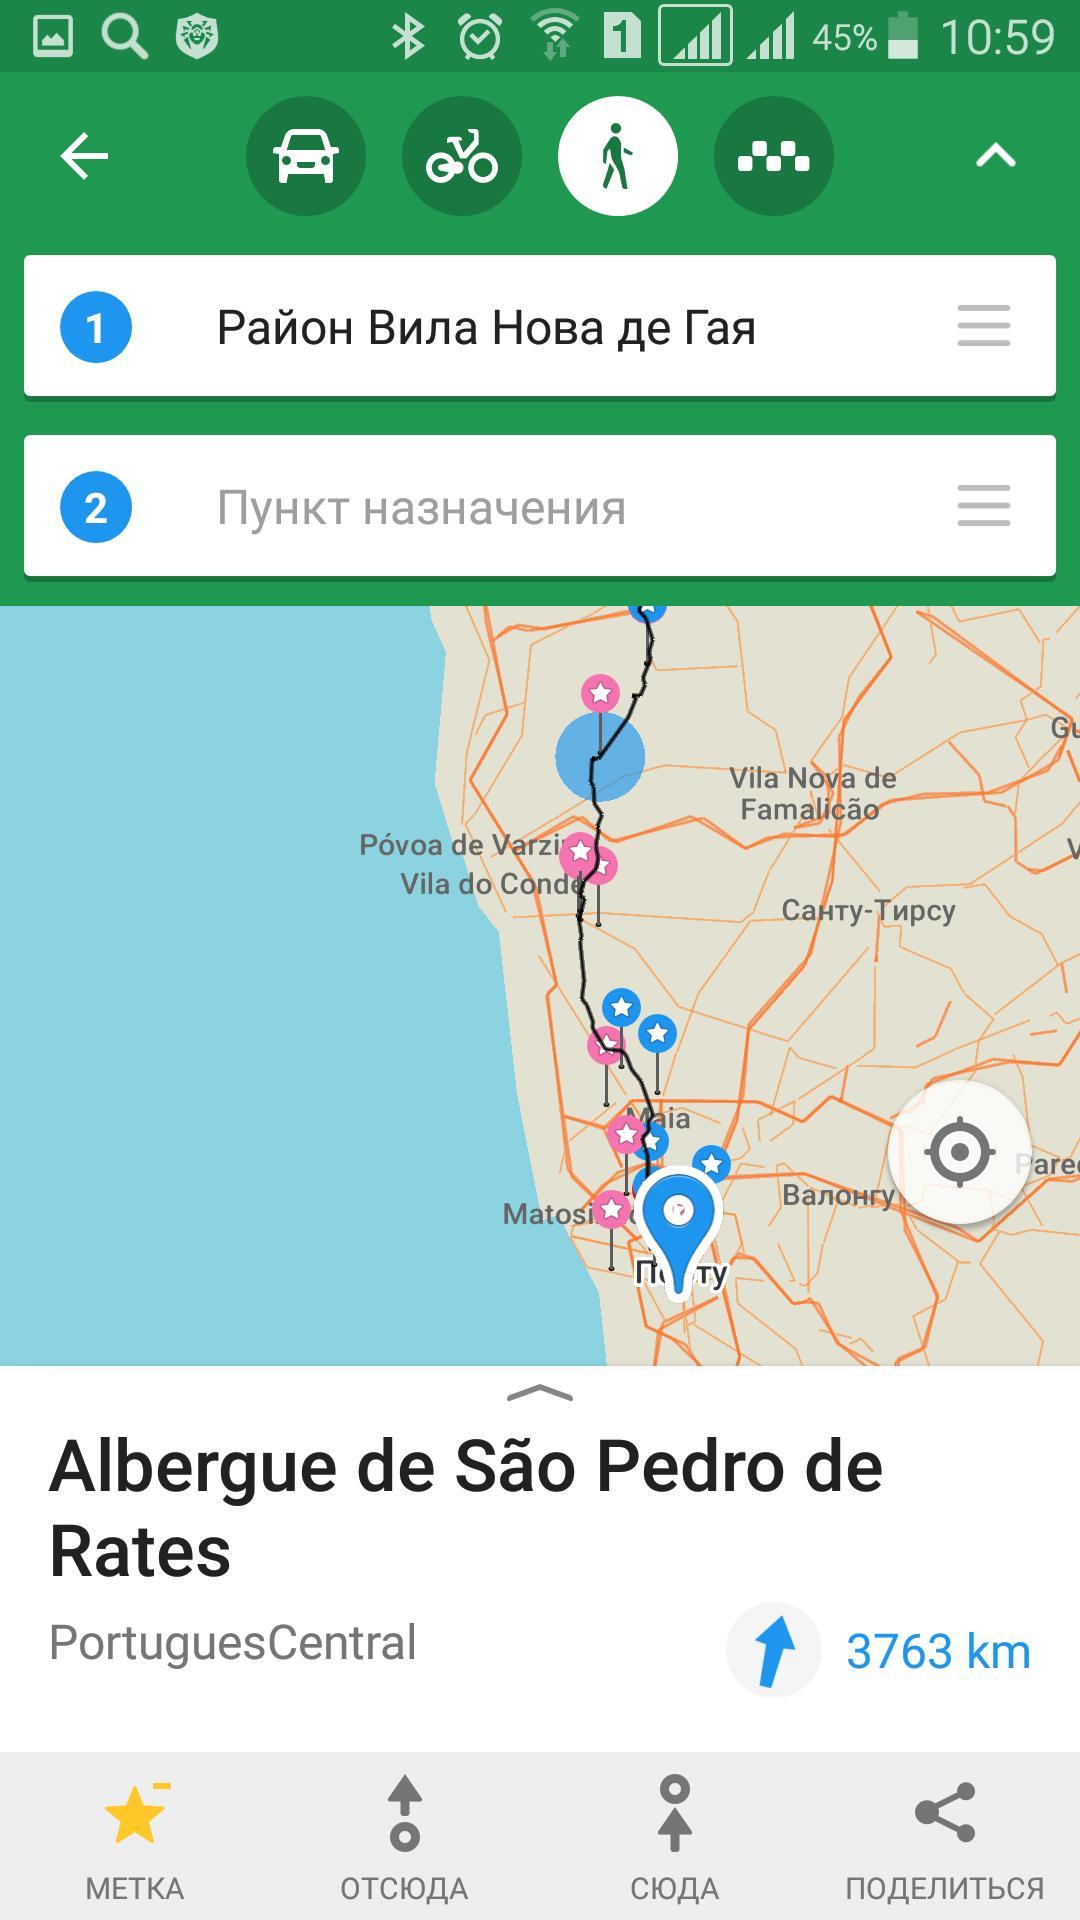 Путь Сантьяго путеводитель